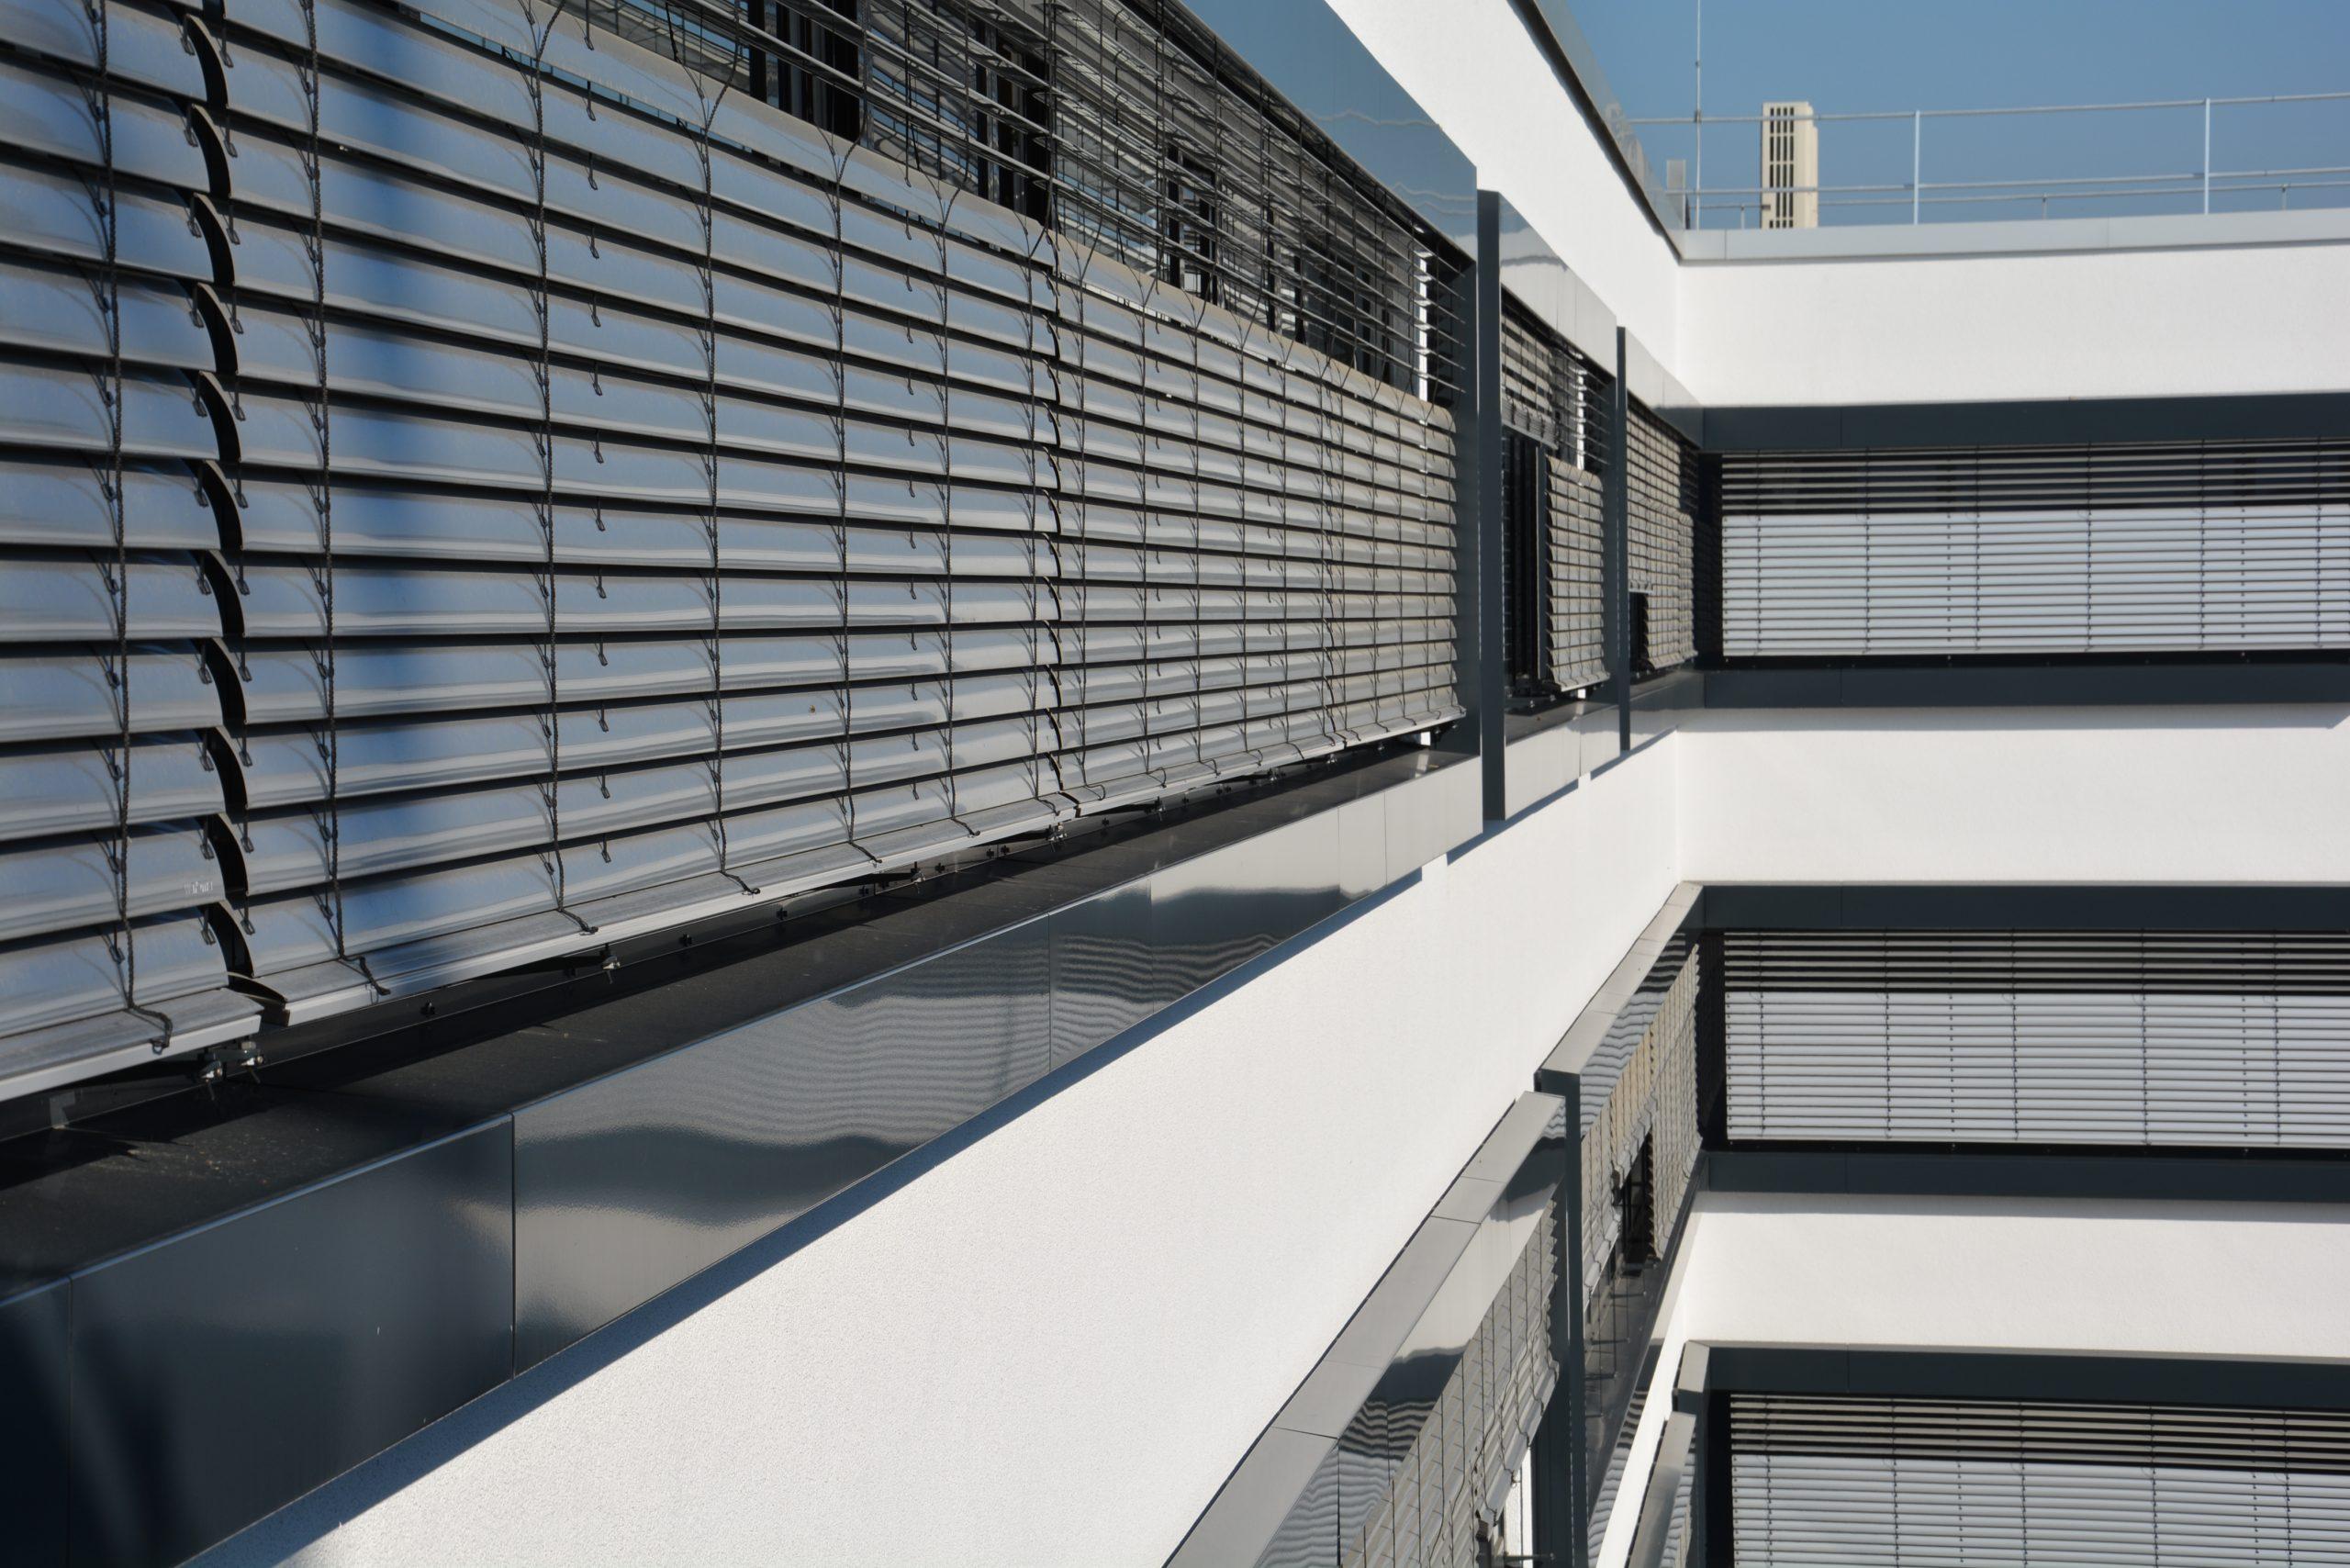 Energieeinsparung und Energieeffizienz: Die Energiewende in Deutschland unterstützen